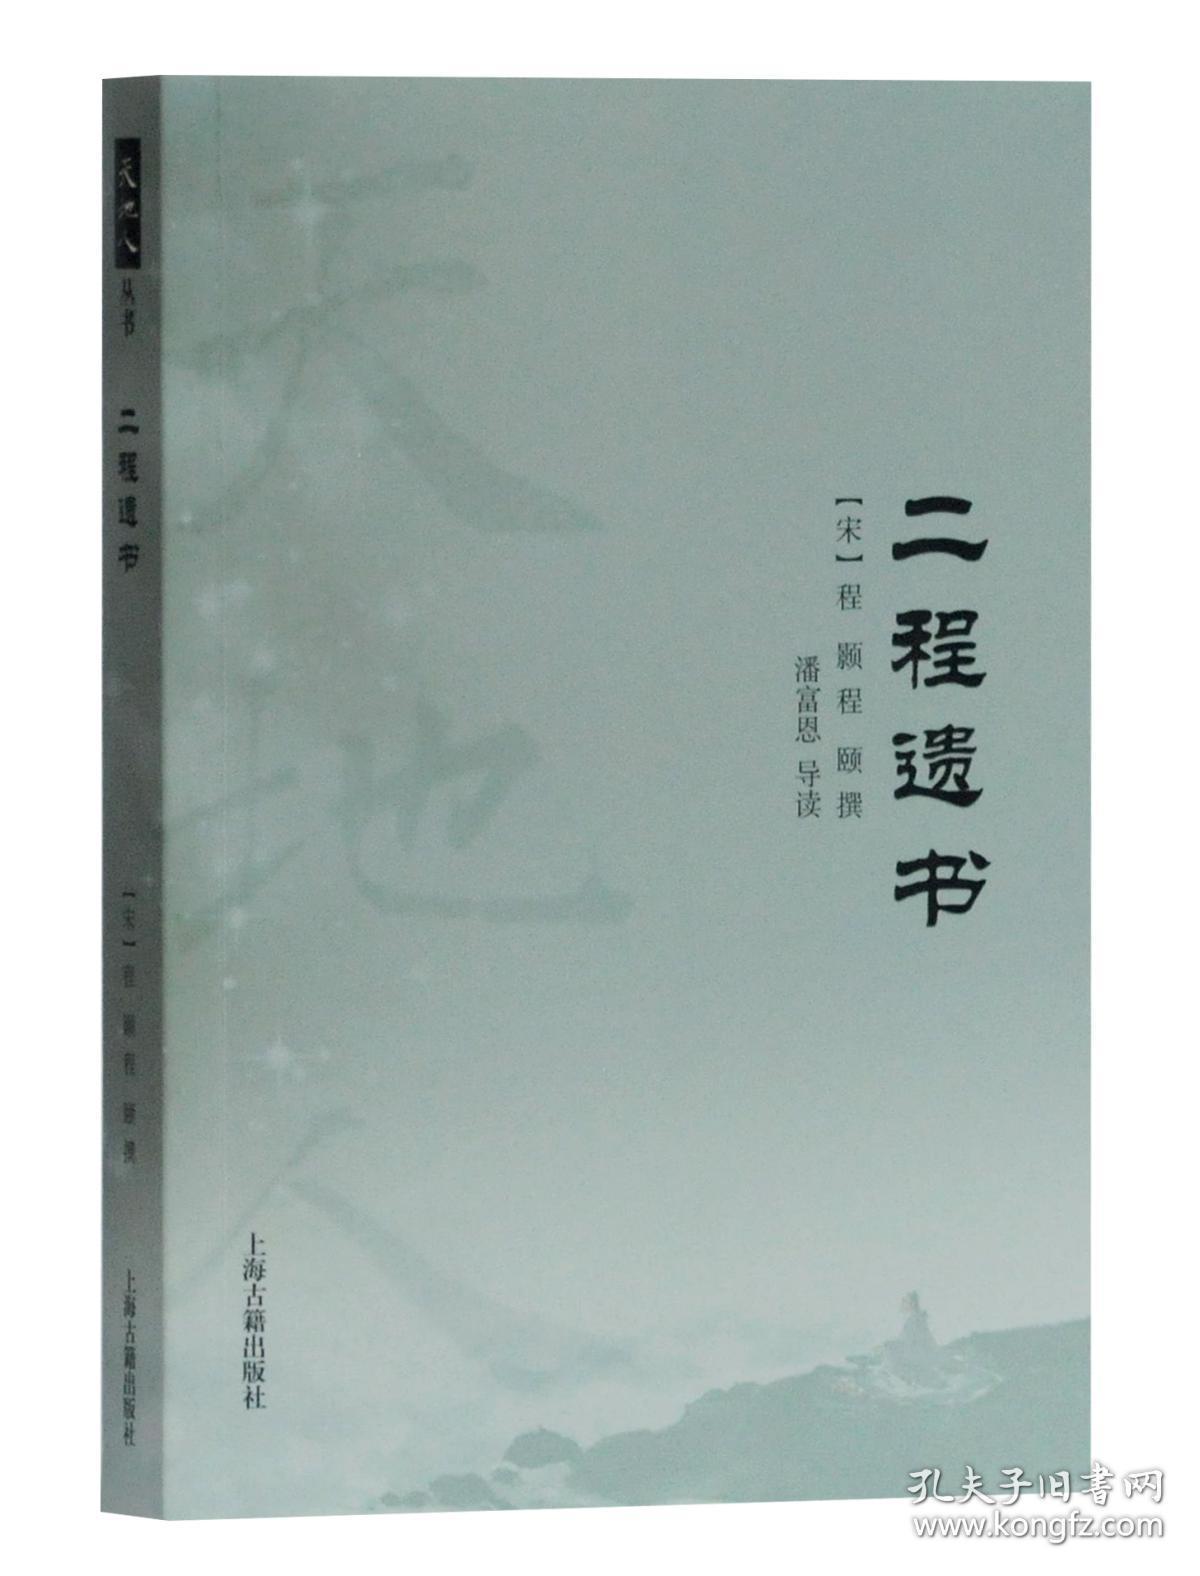 二程遗书(天地人丛书 32开平装 全一册)